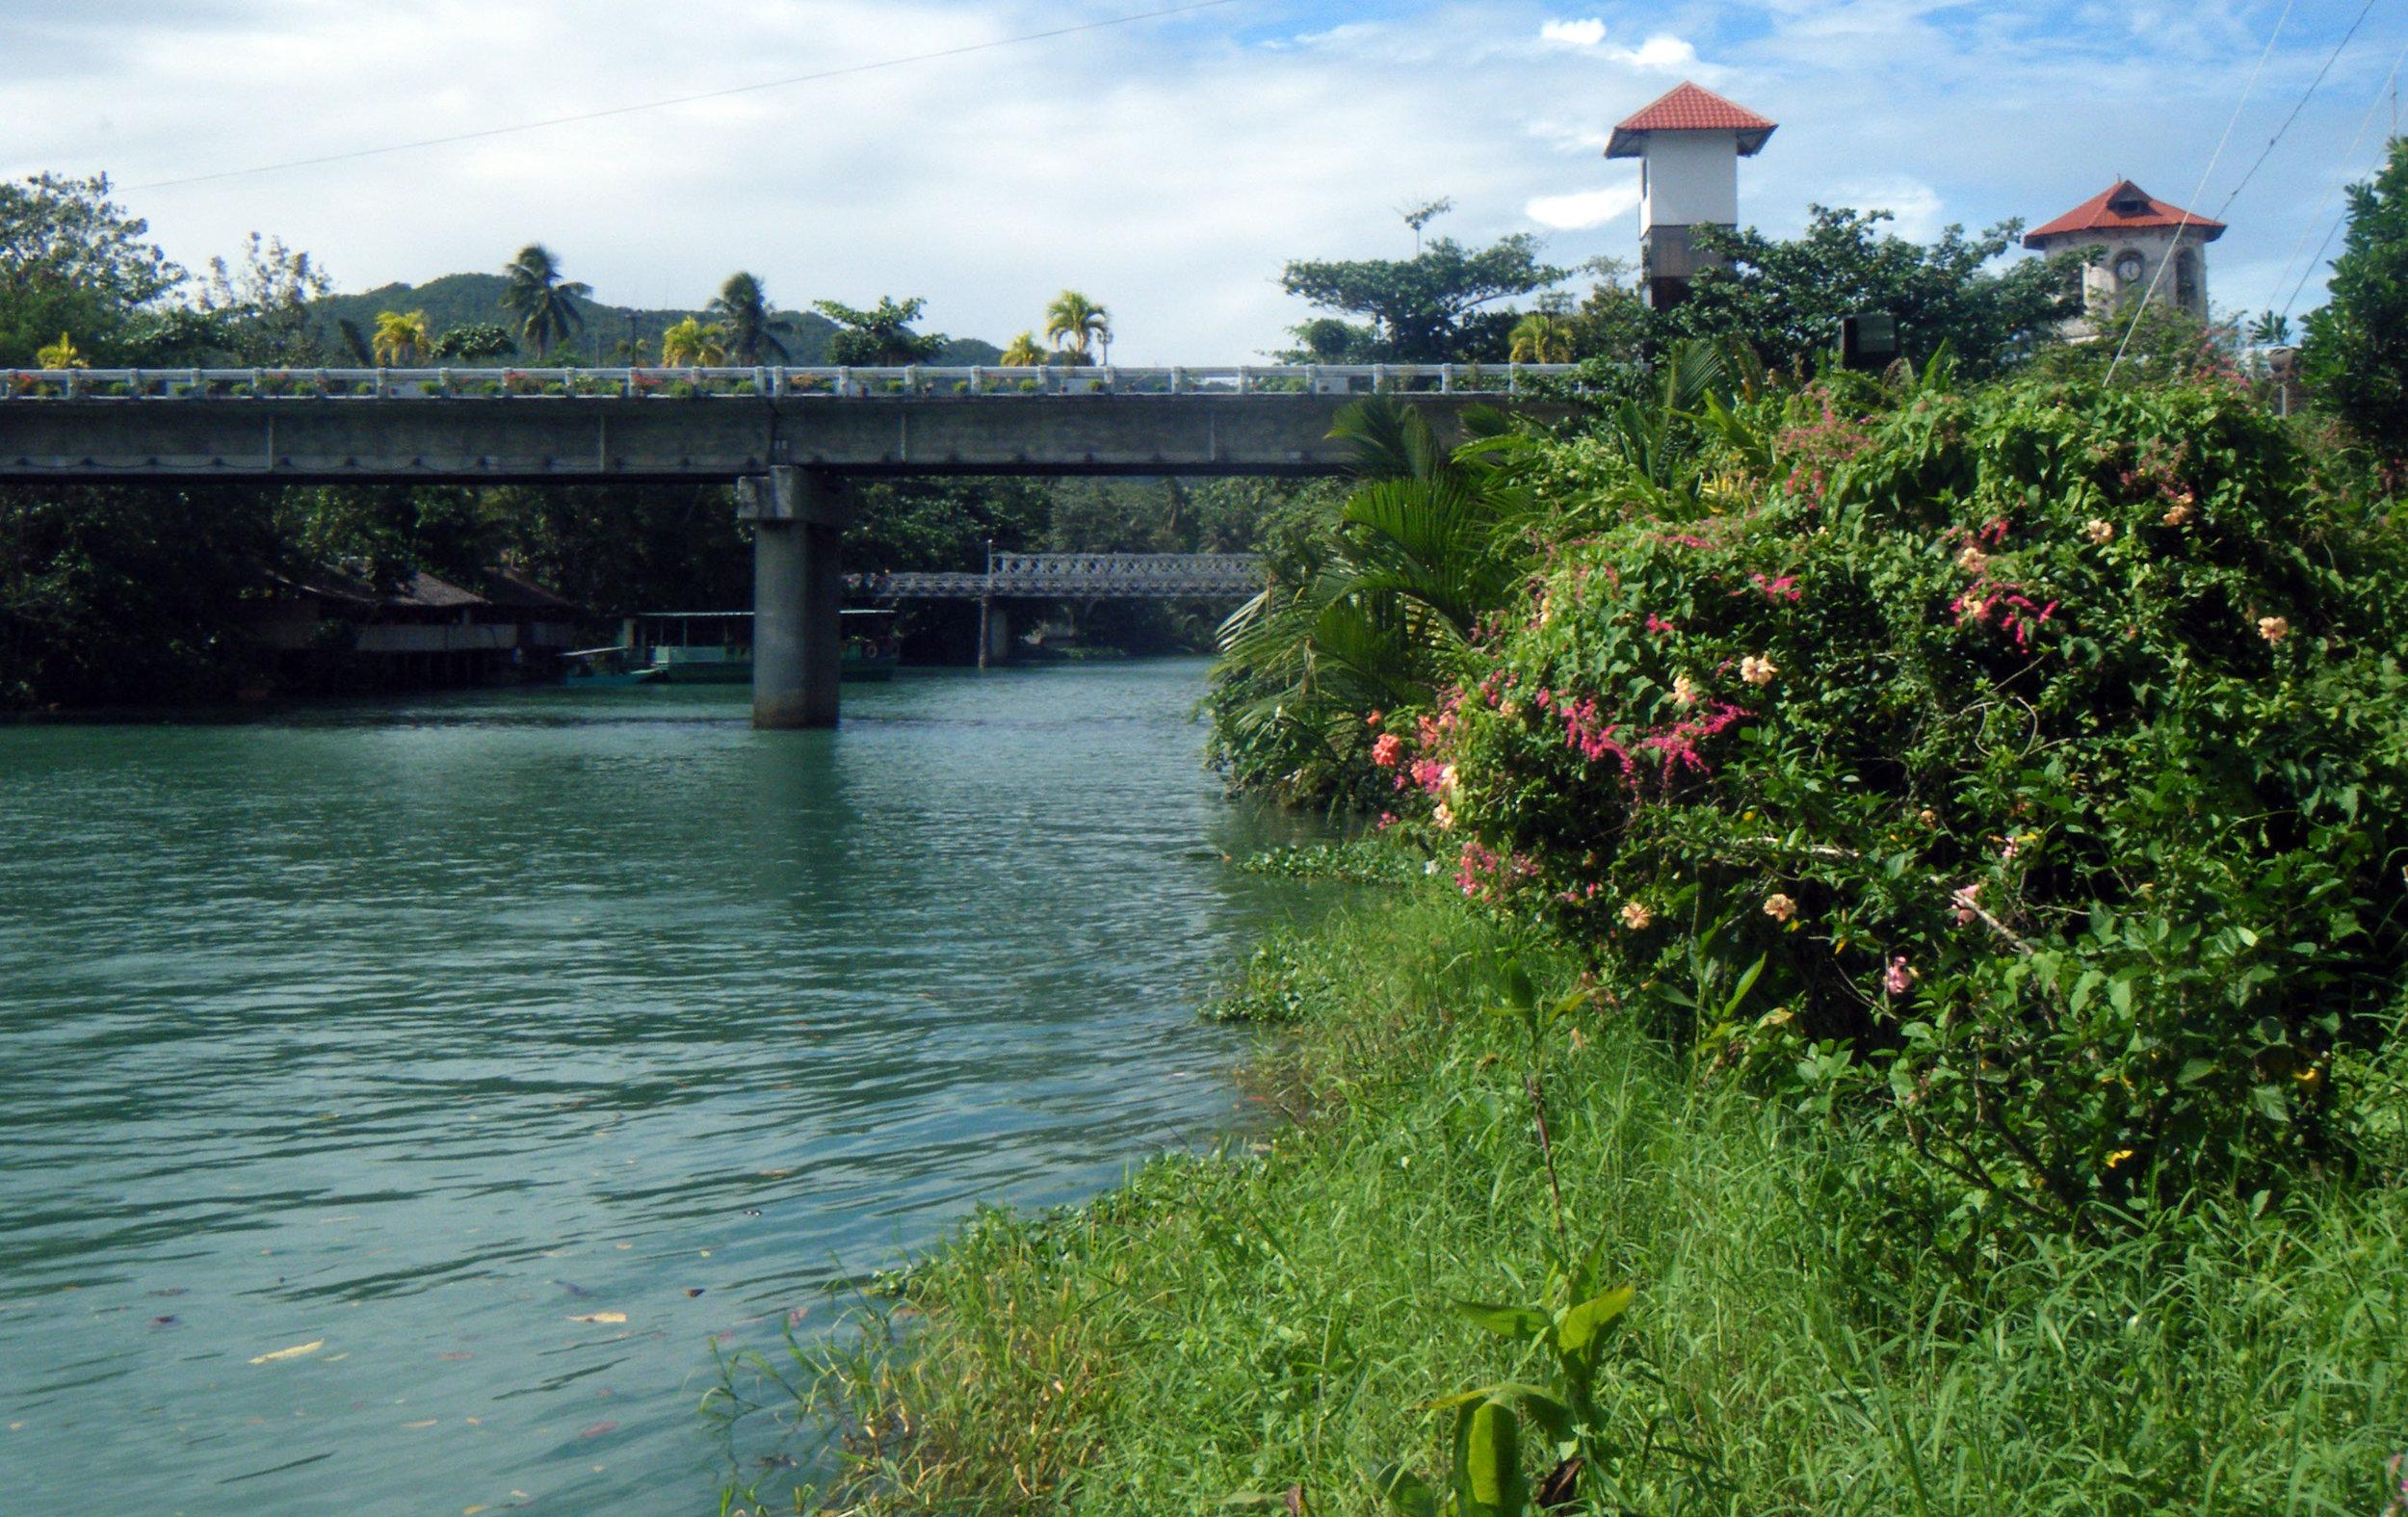 Loboc River 2-13-13.jpg